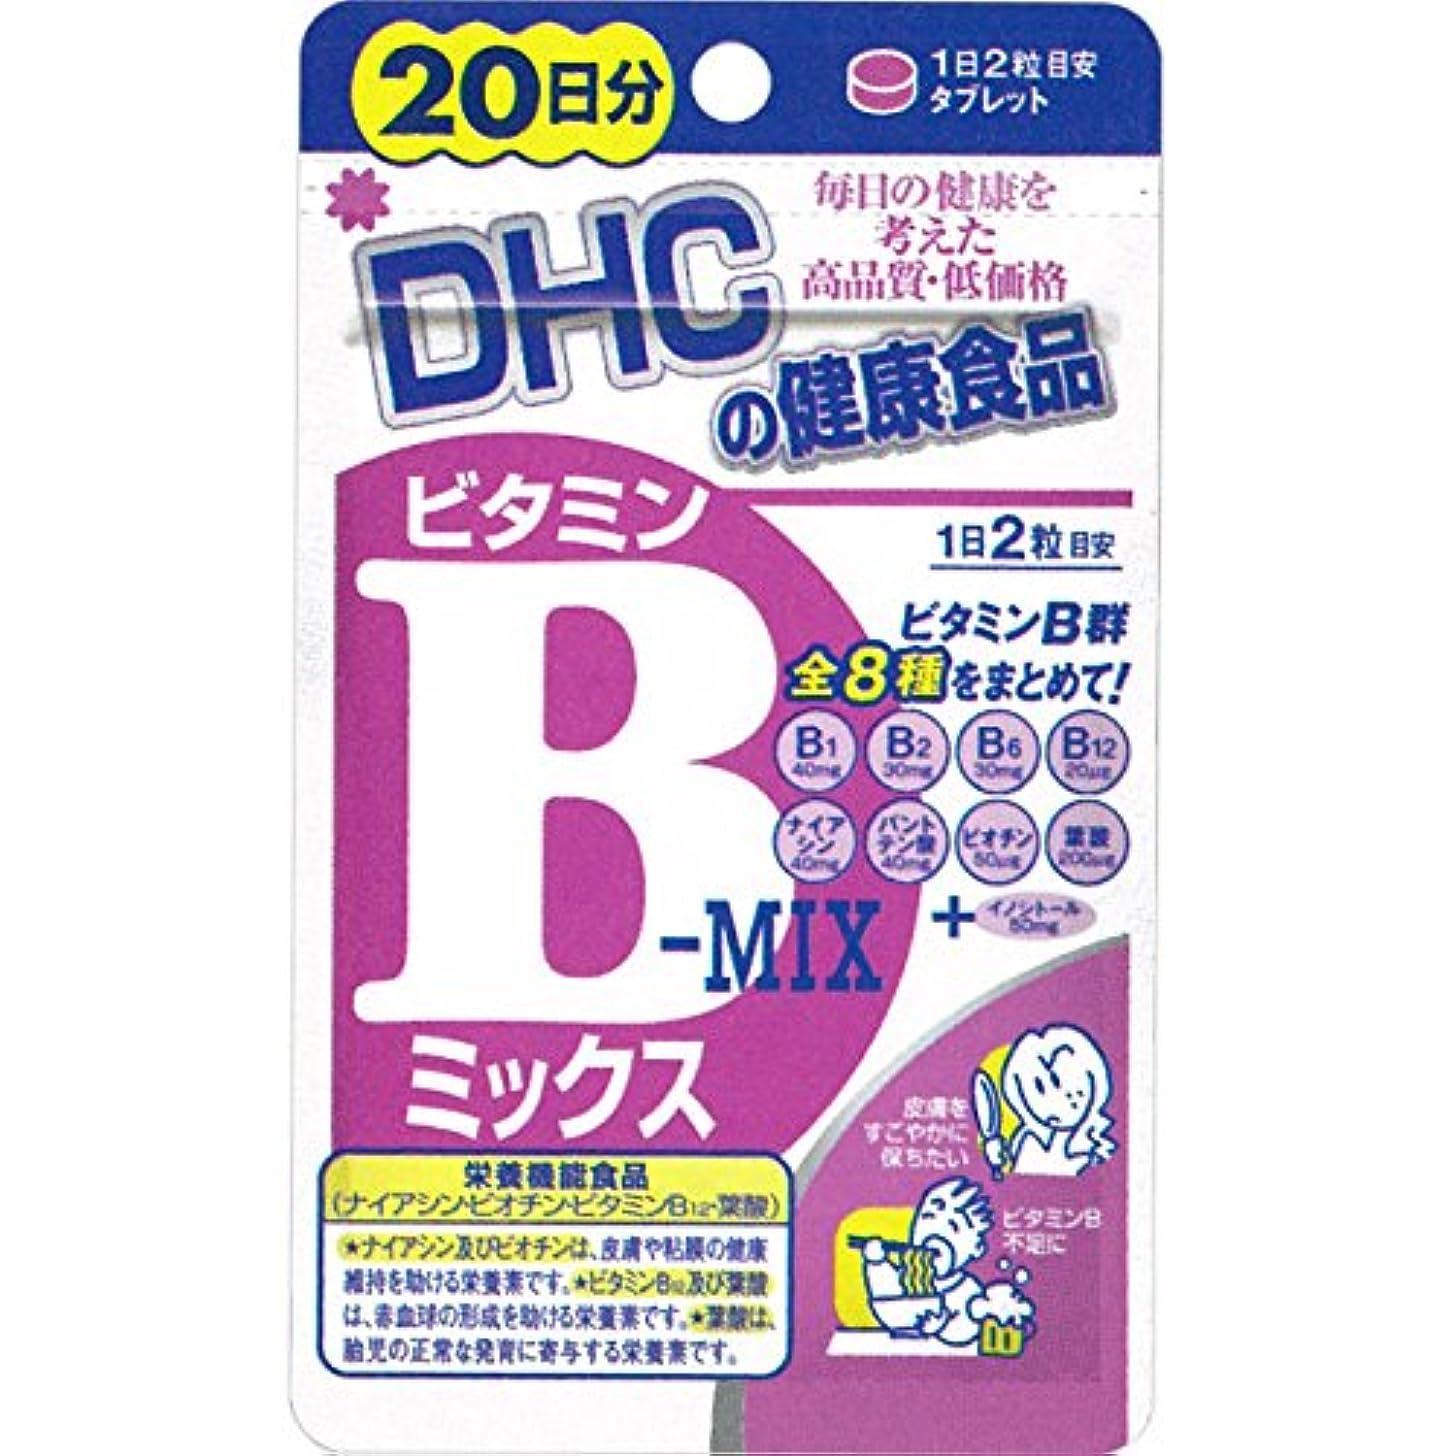 砂の木正確にDHC(ディーエイチシー) サプリメント DHC ビタミンB MIX 20日分